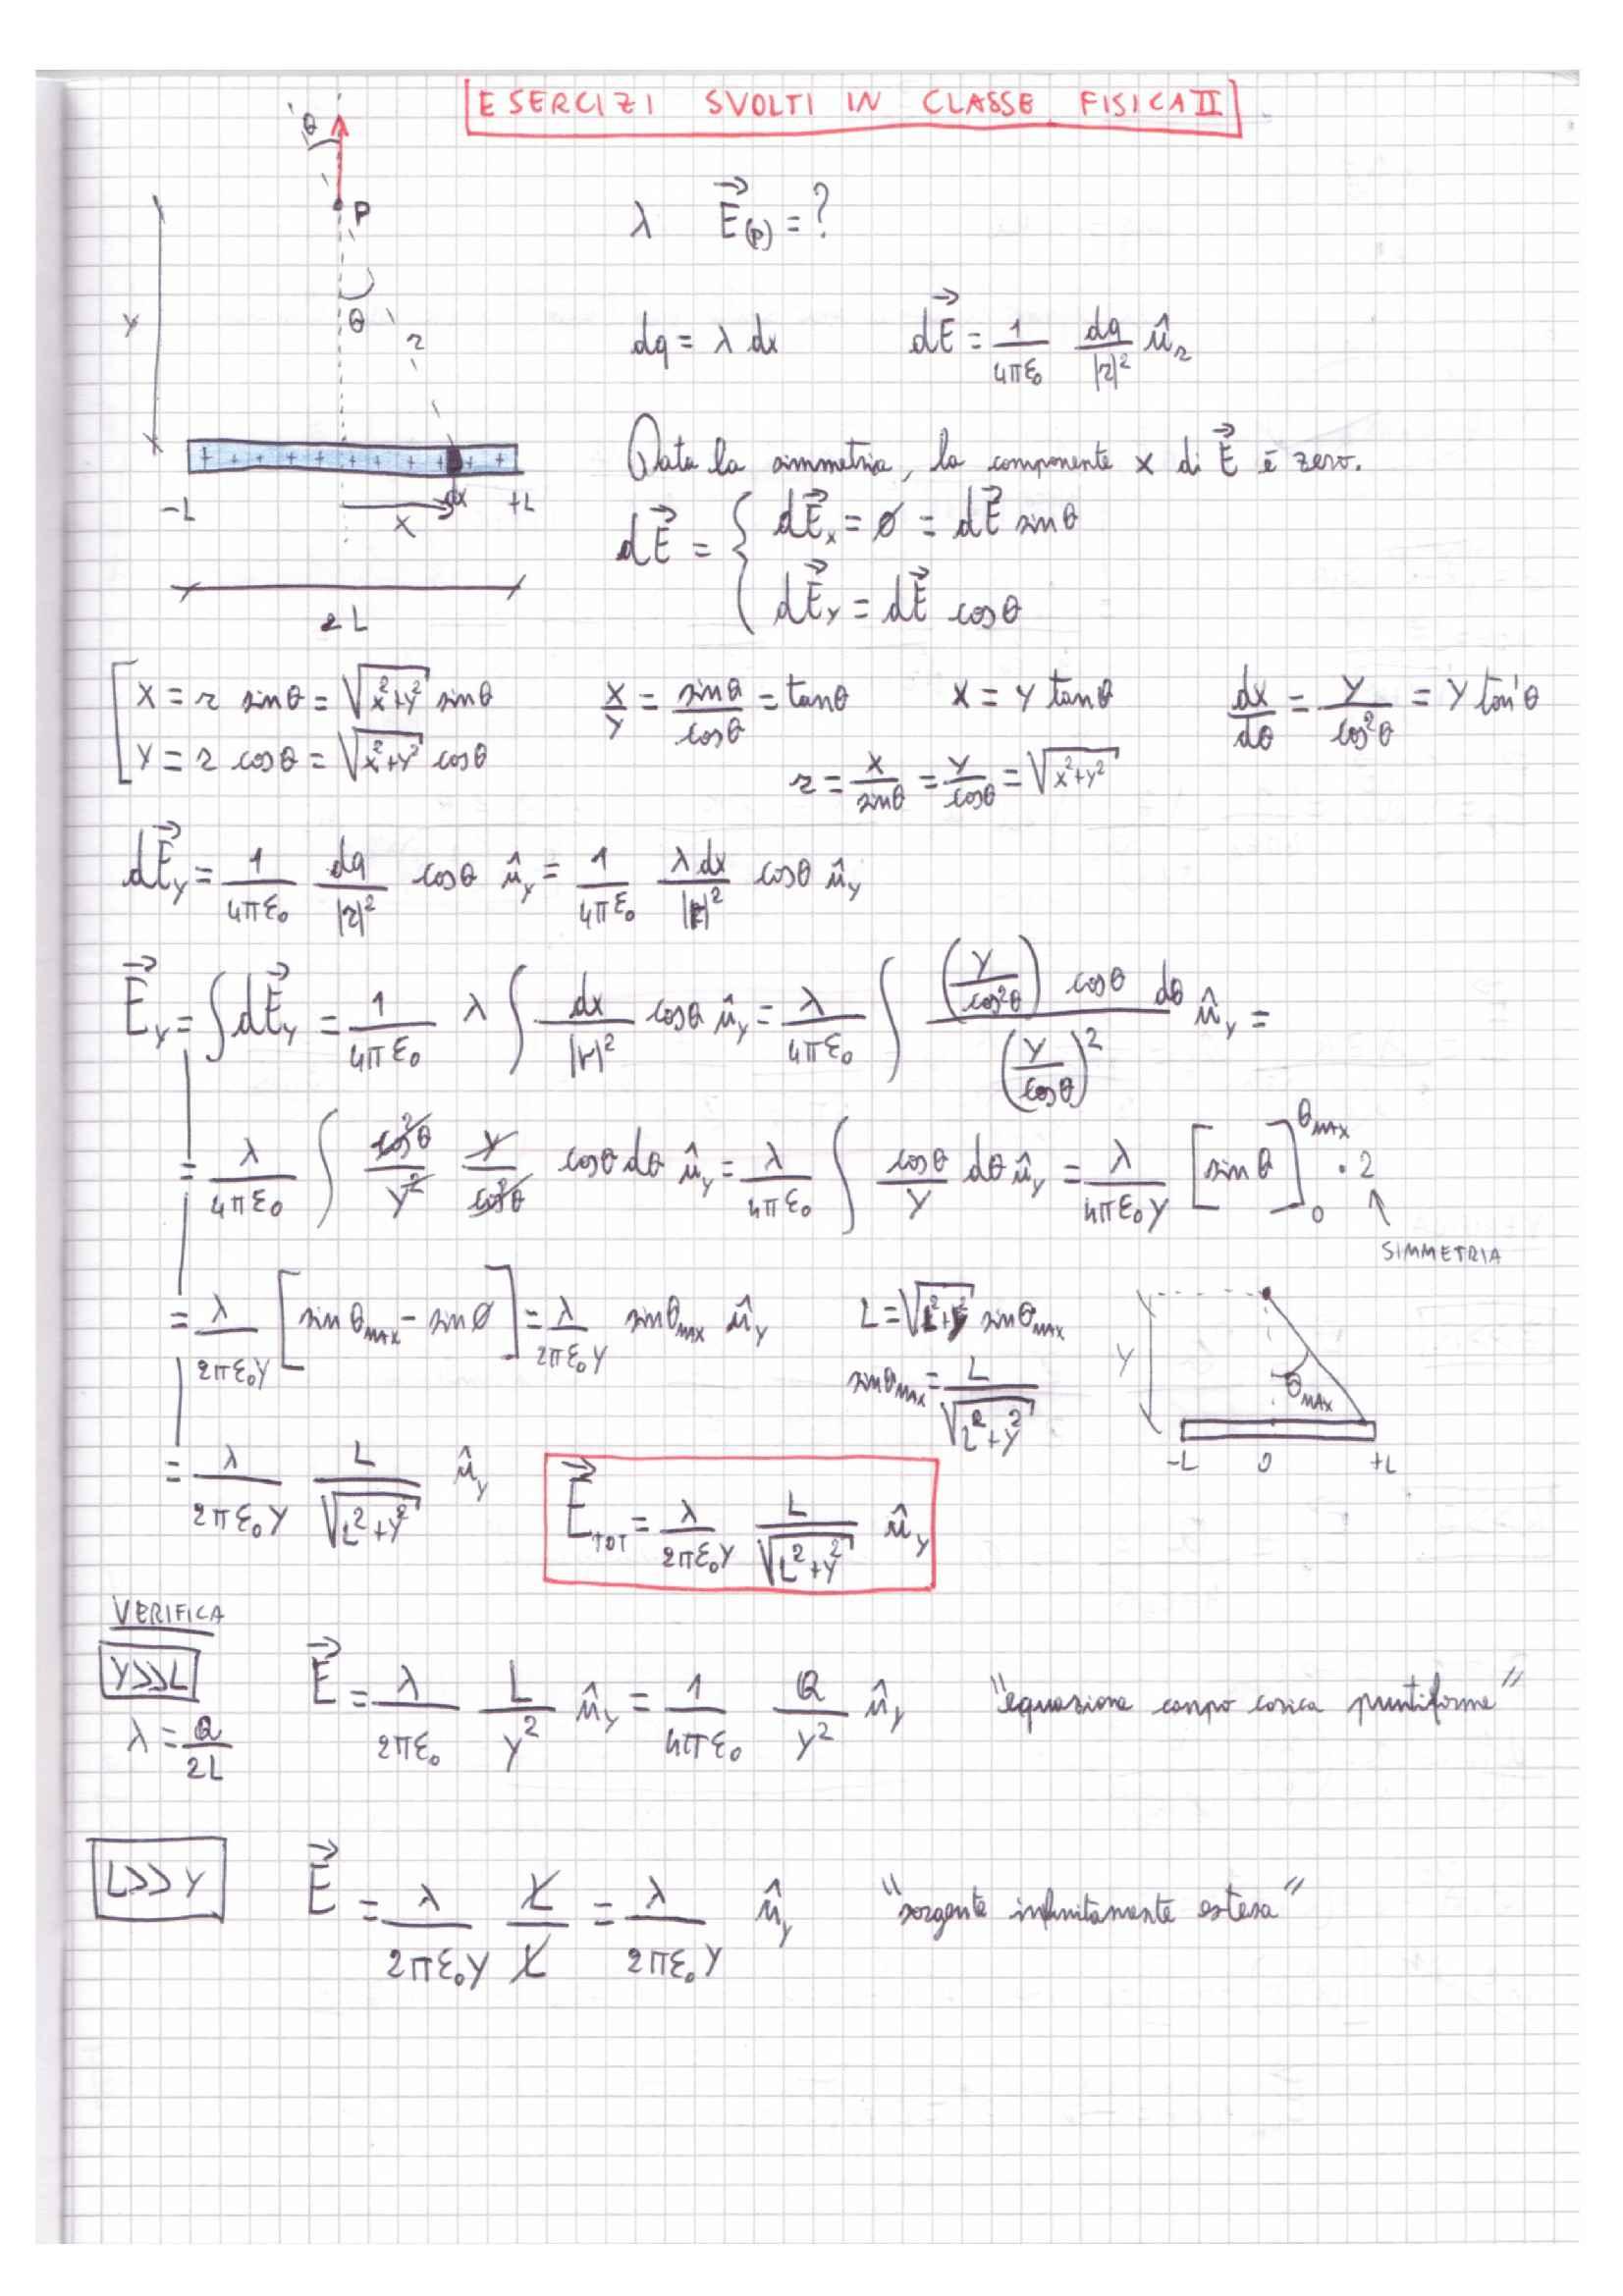 Fisica 2 - Esercizi svolti Pag. 2